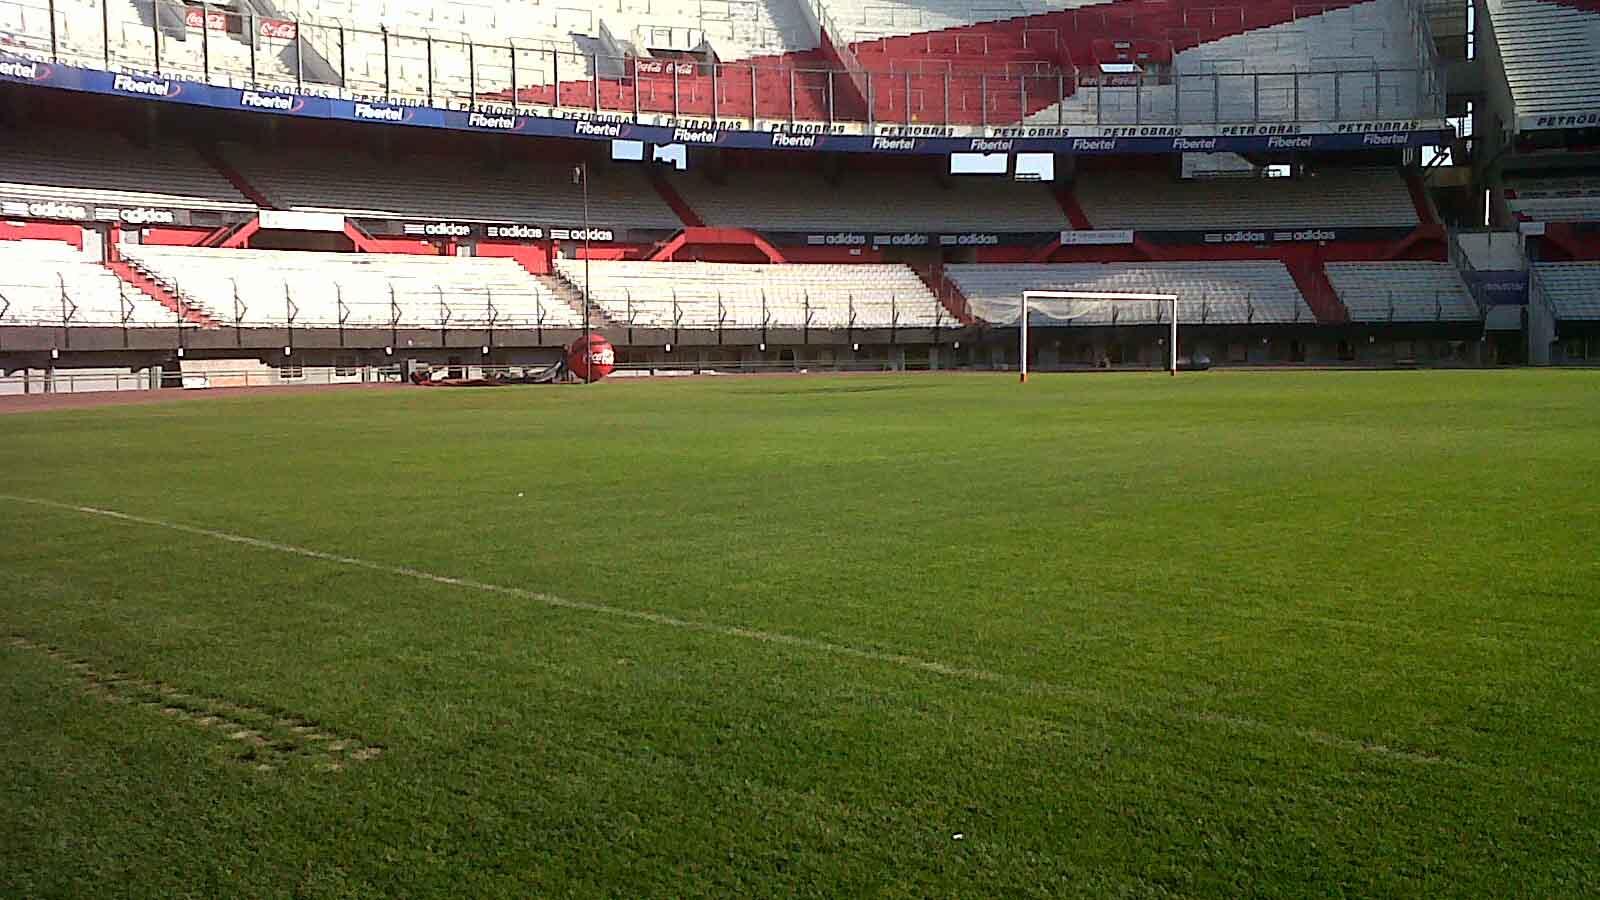 Doble Llave - Investigan denuncia de abuso a menores en club de fútbol argentino